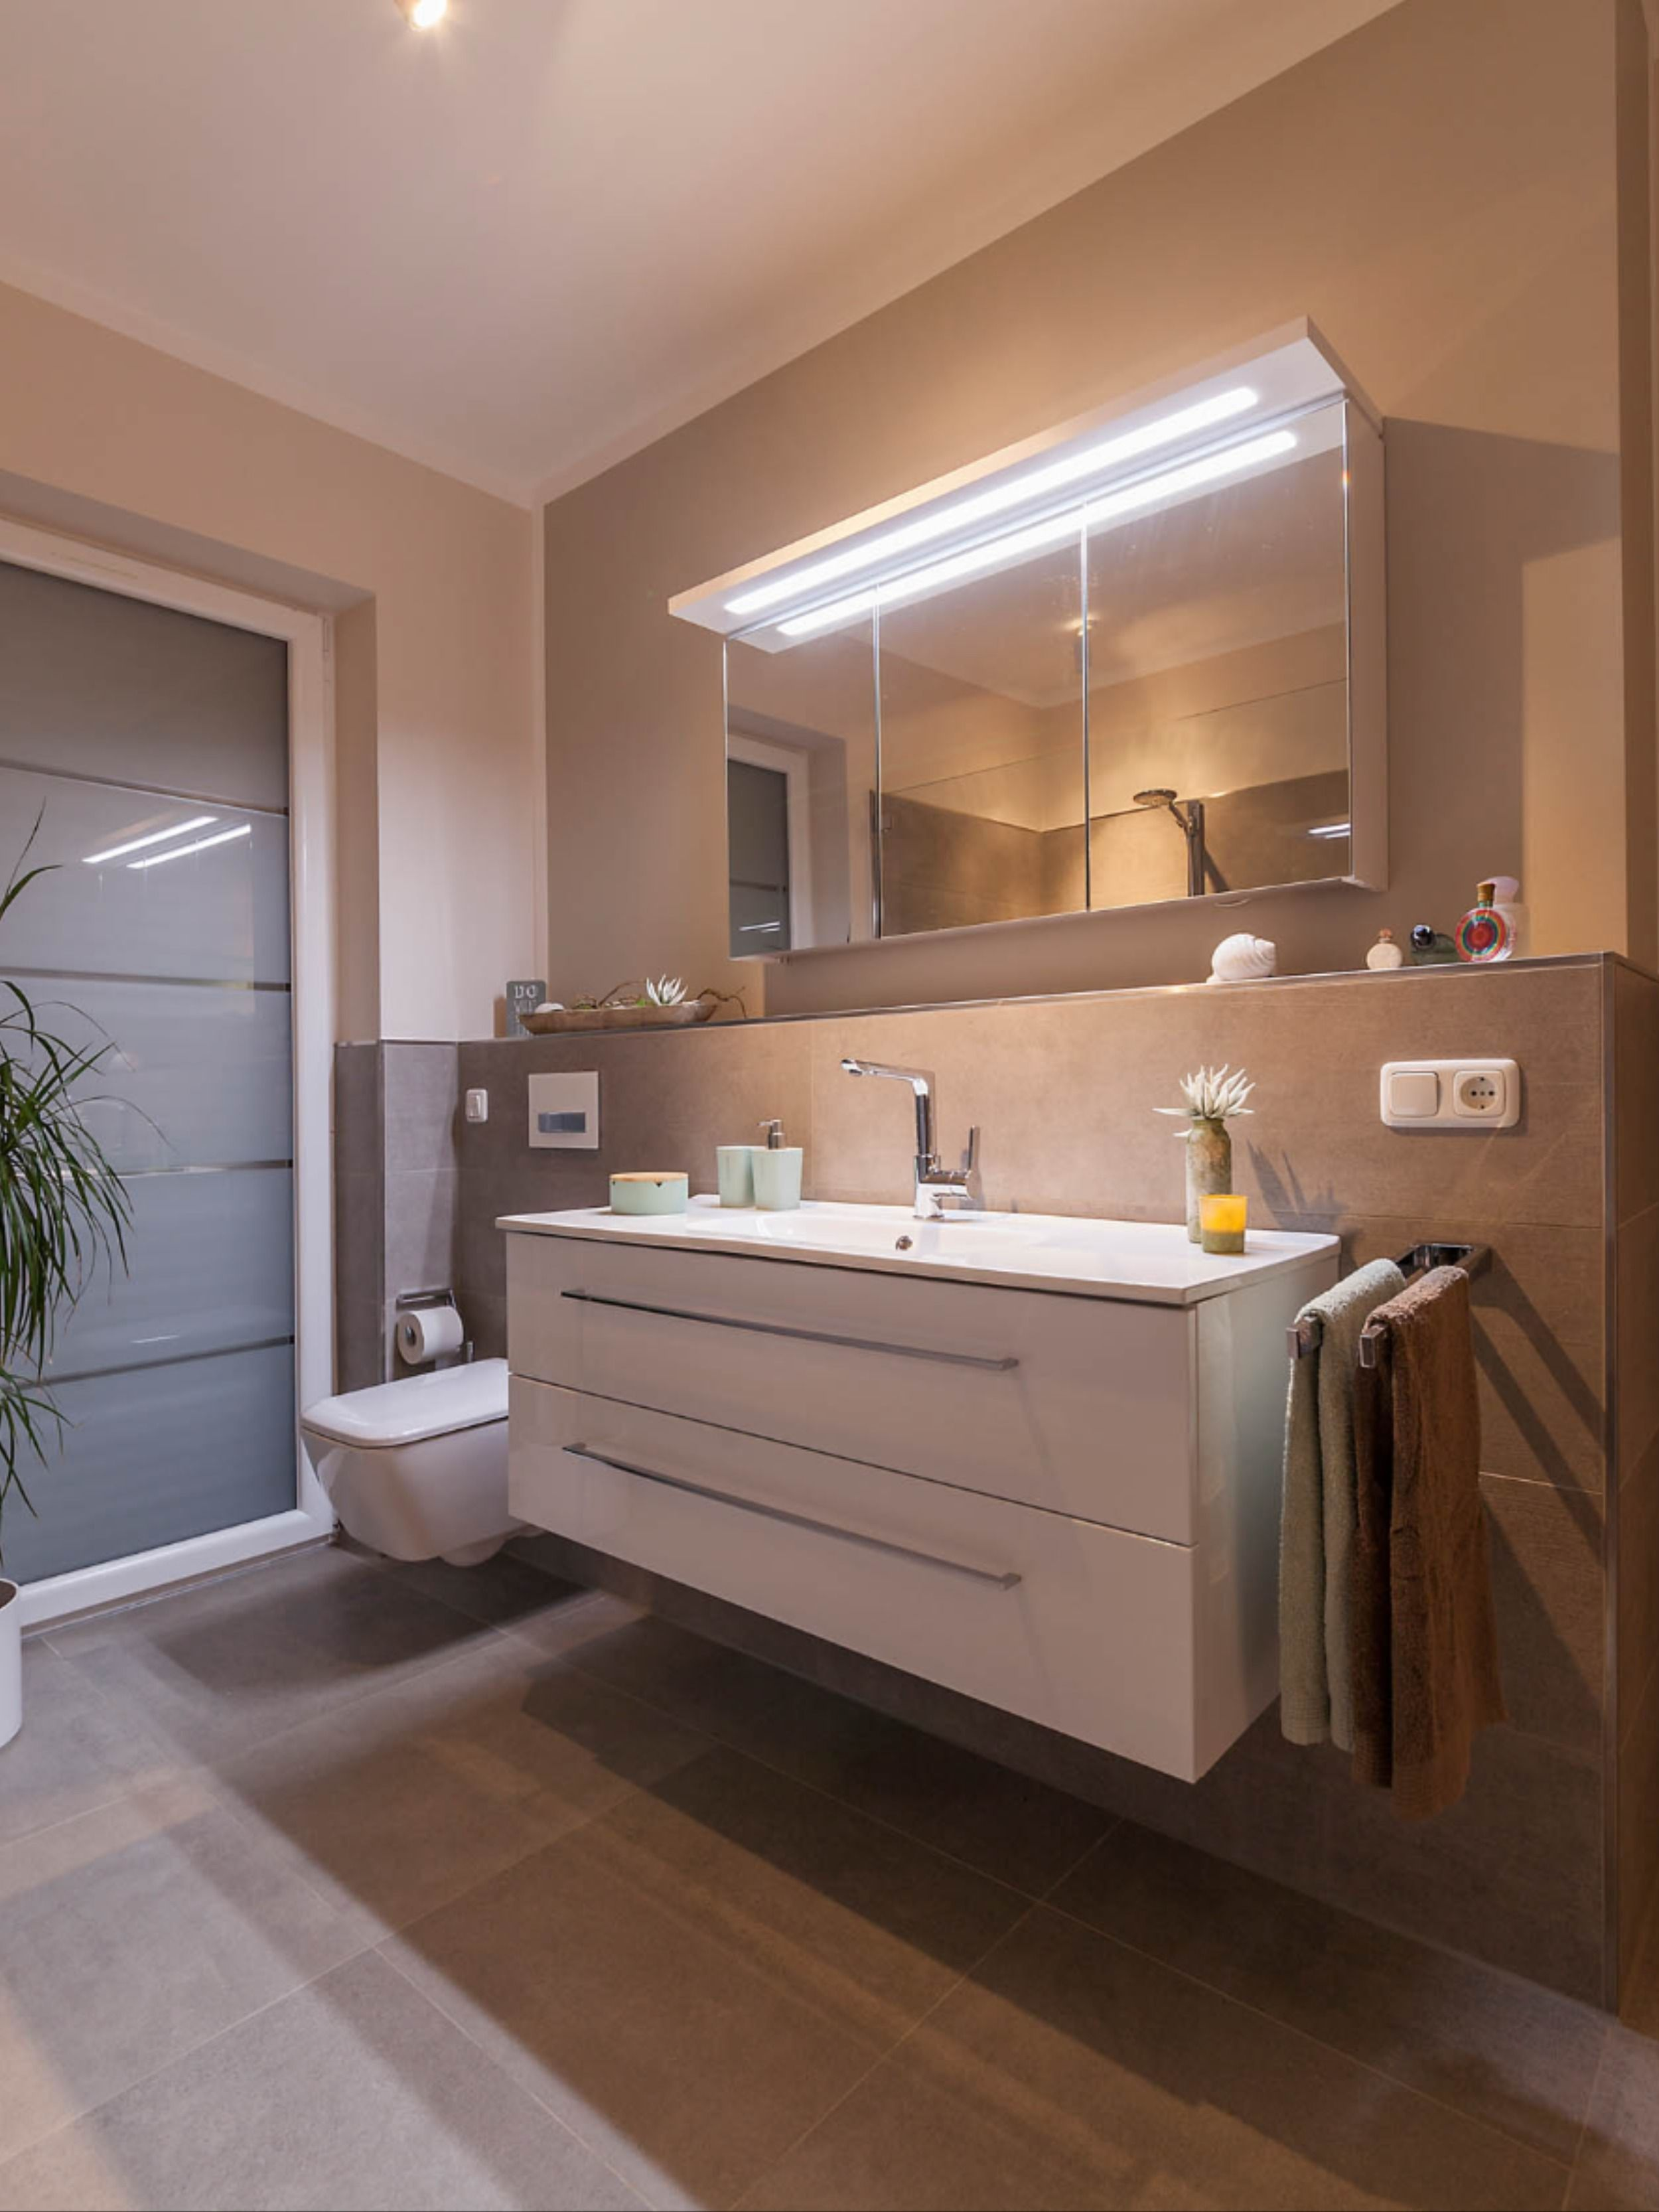 Traumbad Mit Wanne In 2020 Badezimmer Gestalten Wohnung Badezimmer Neues Badezimmer